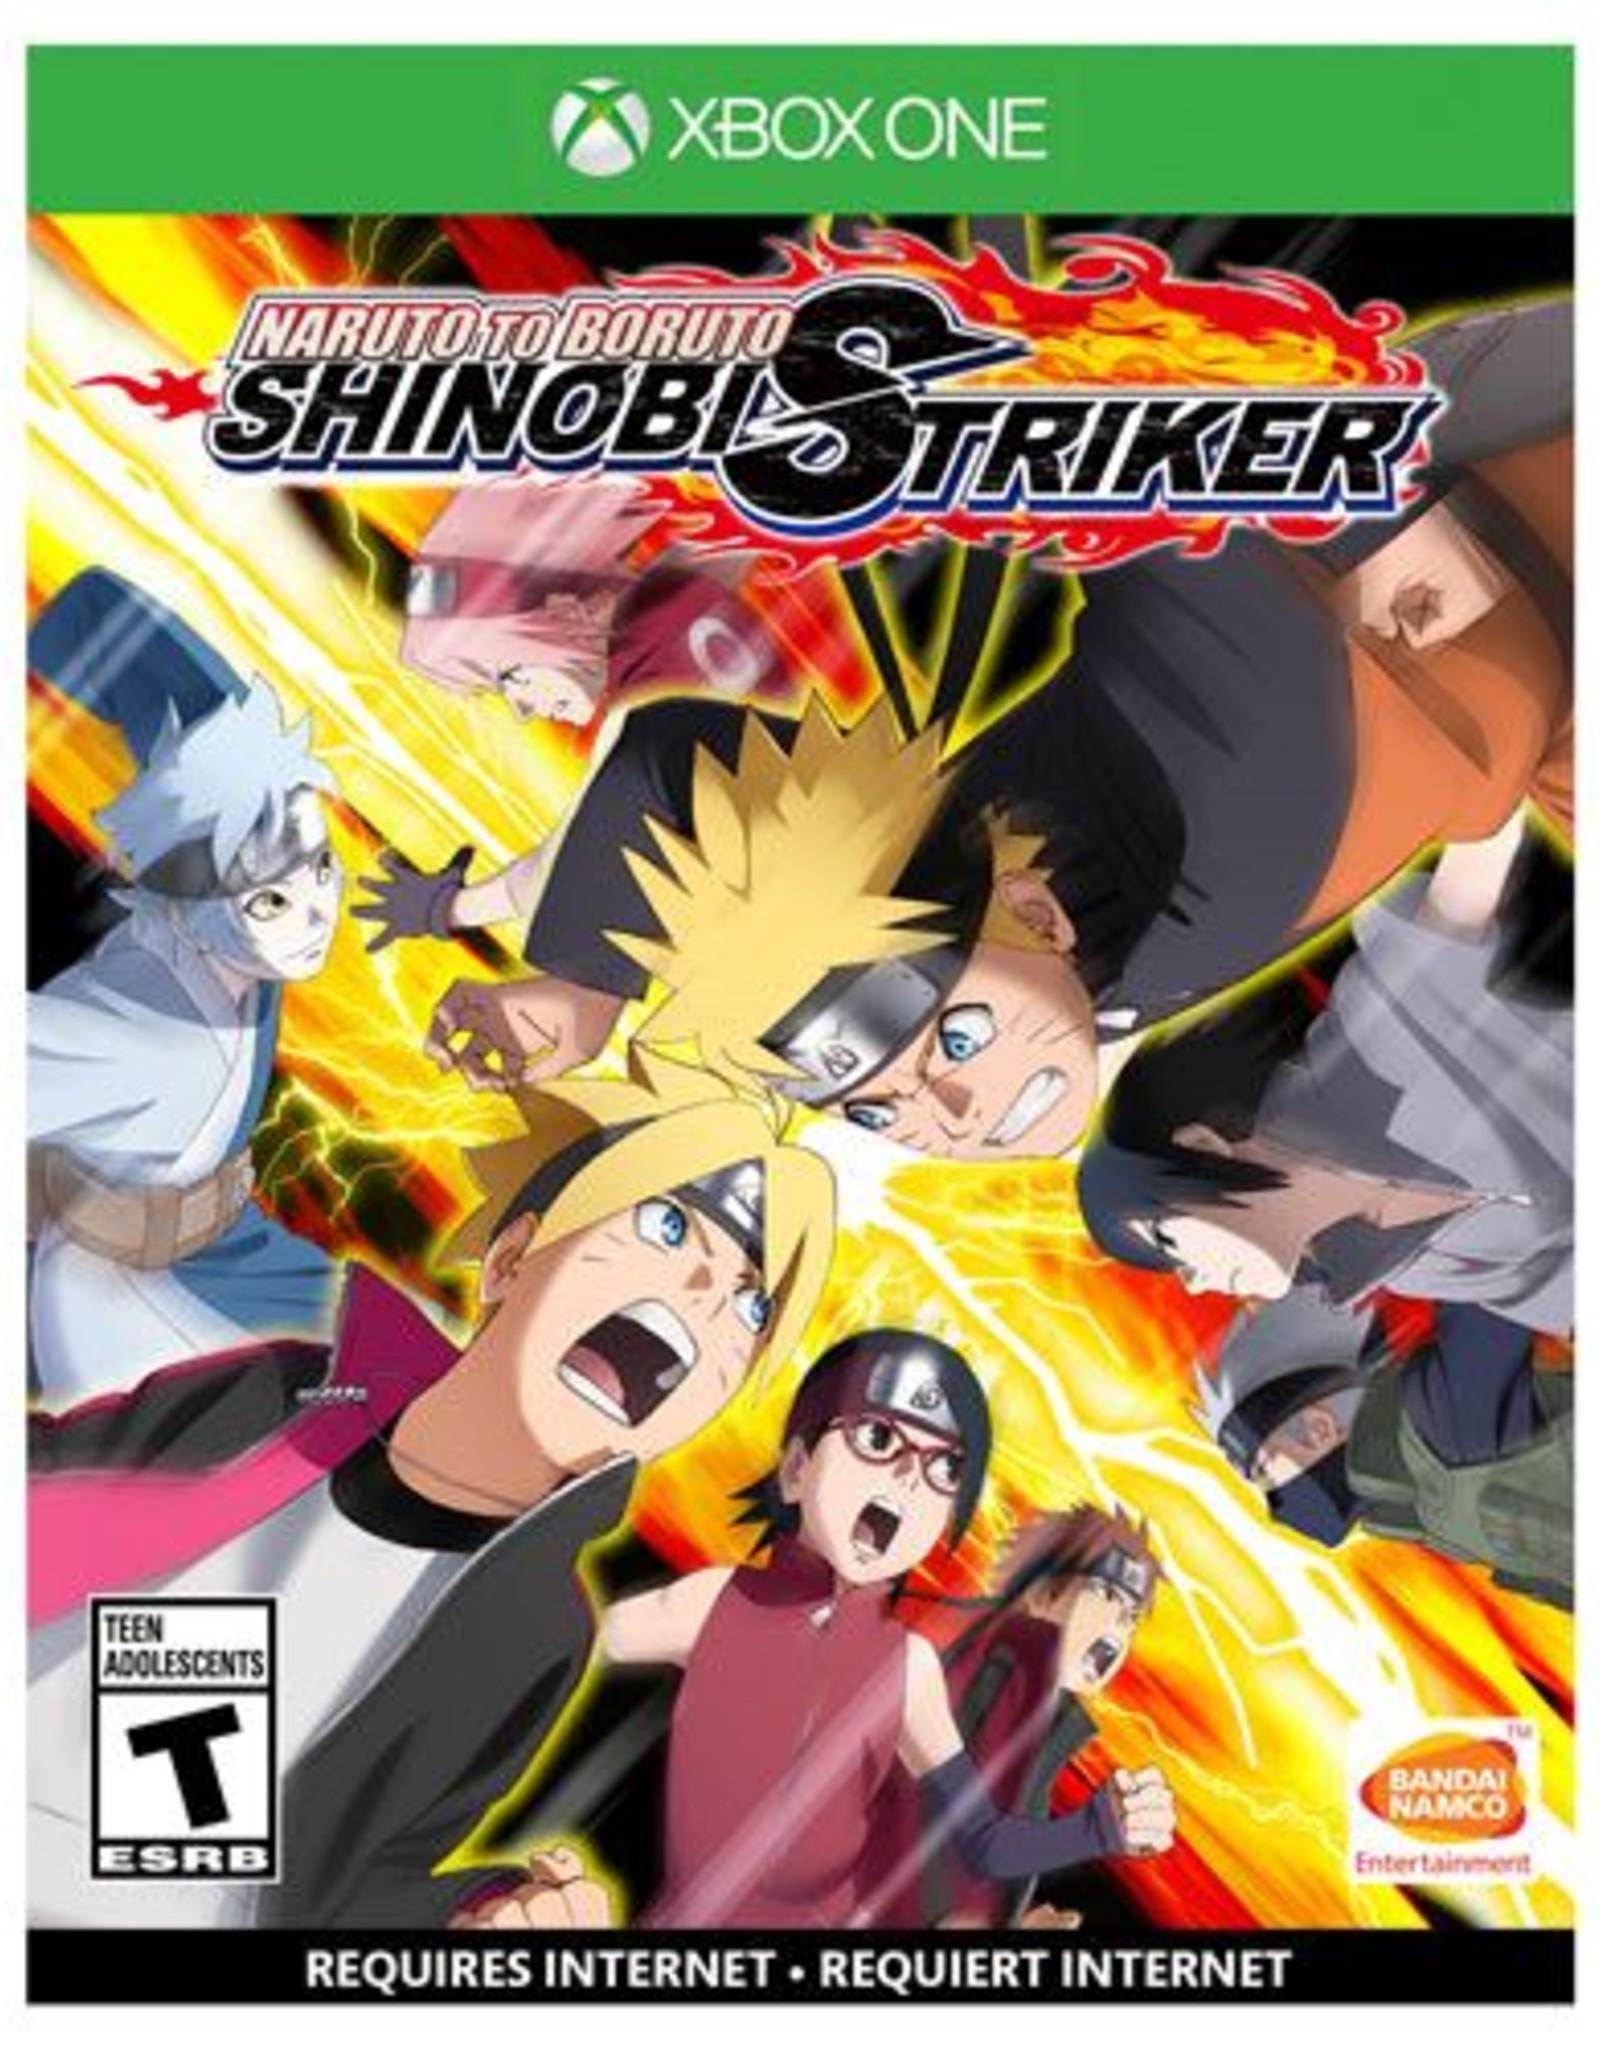 Naruto Road to Boruto: Shinobi Stricker - XBOne DIGITAL